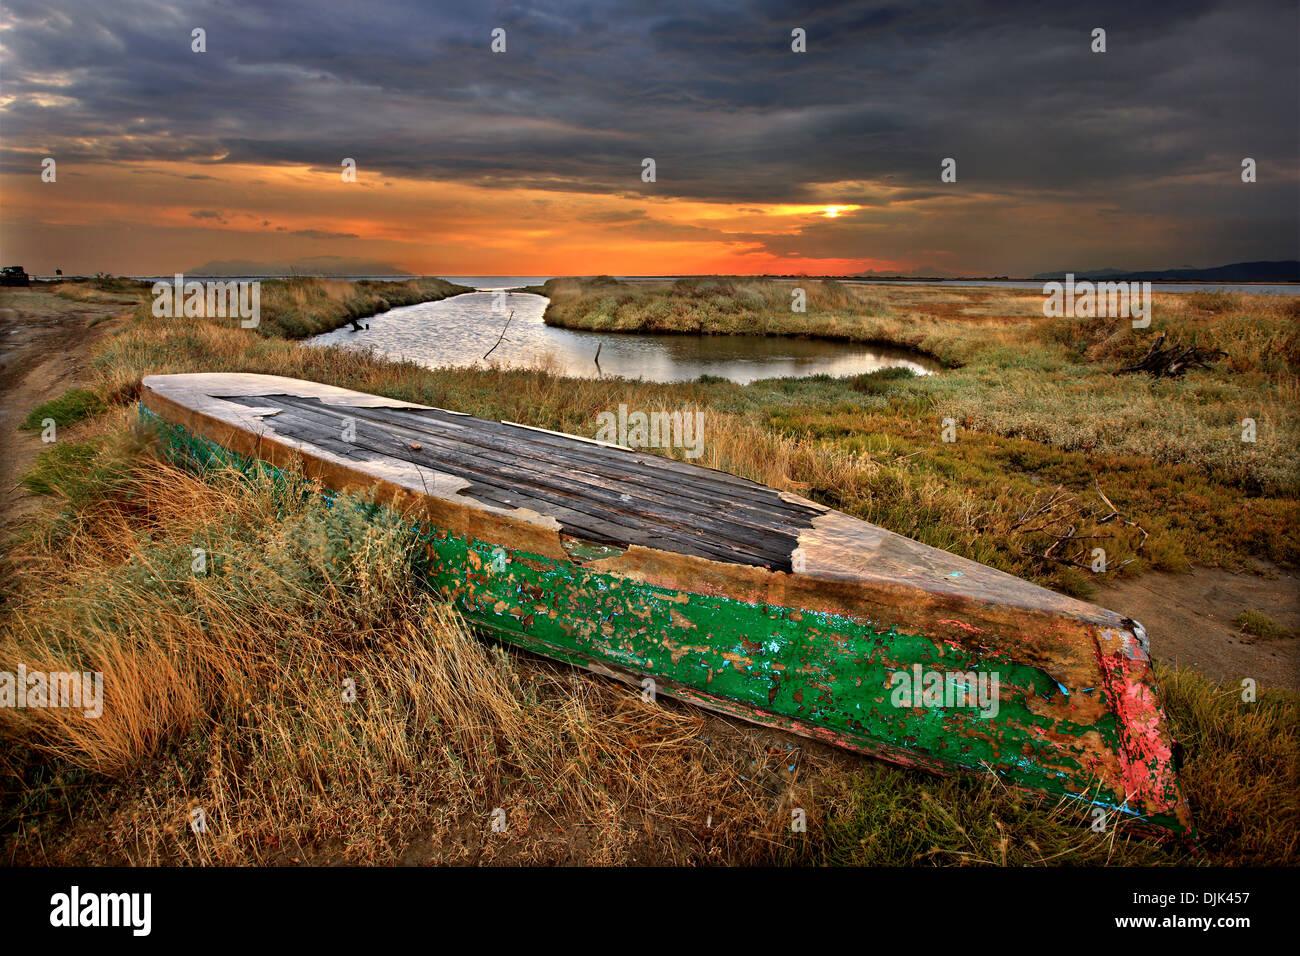 Traditionelle Plava (Flachboden Boot von den seichten Gewässern) am Delta des Evros-Fluss, Thrakien, Griechenland. Stockbild